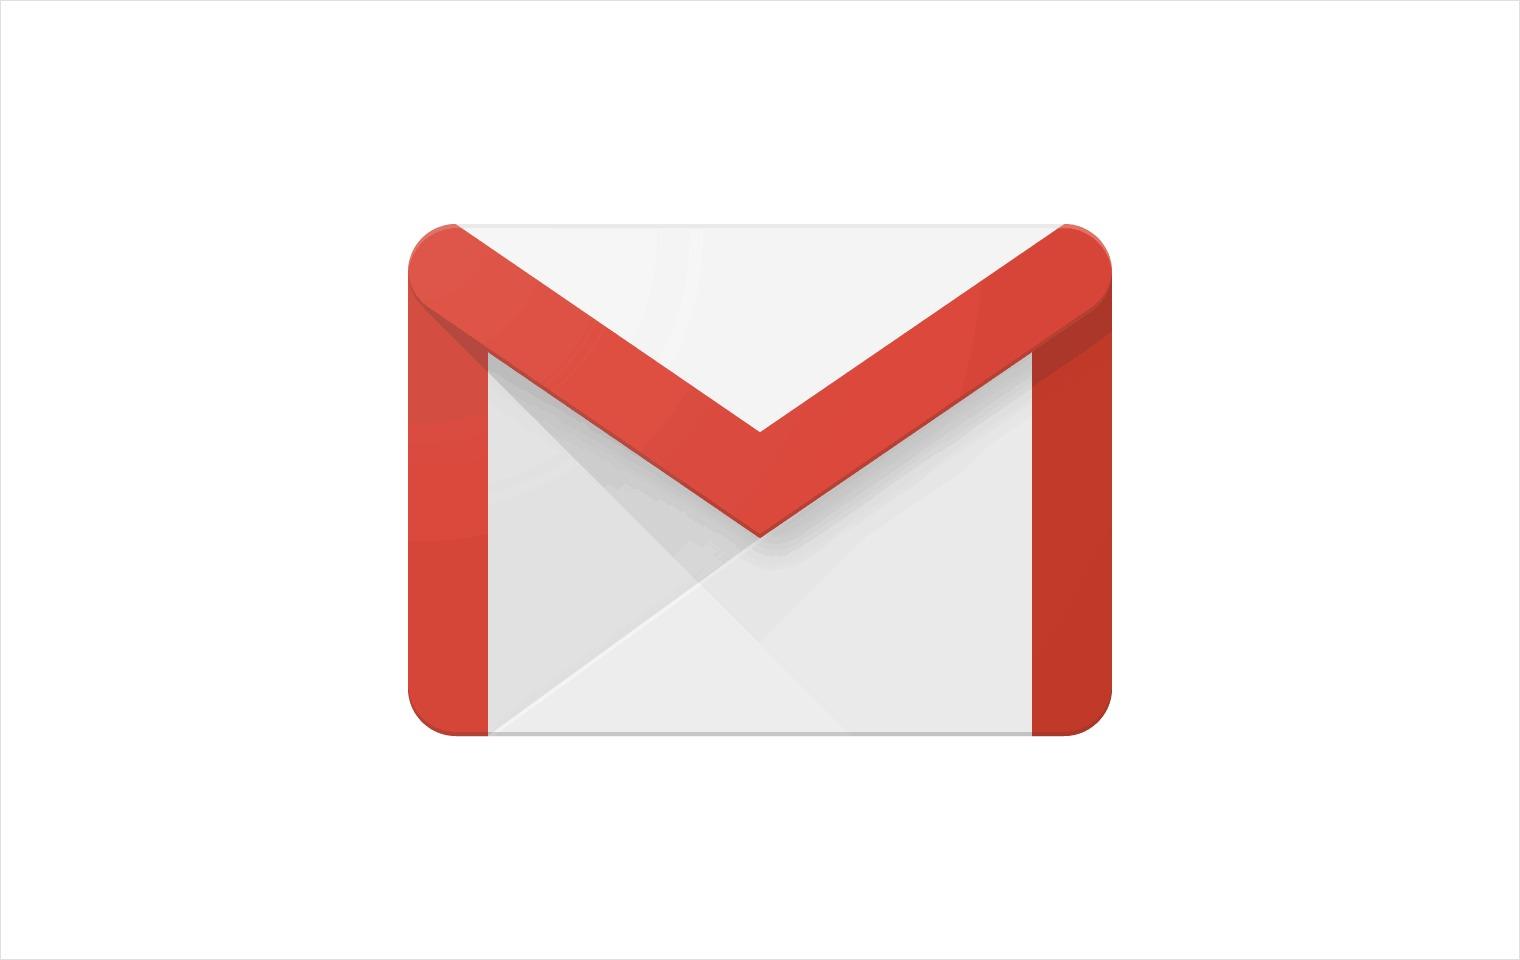 Clic droit sur Gmail, le Nokia 9 Pureview et une équipe pour les puces de Google – Tech'spresso